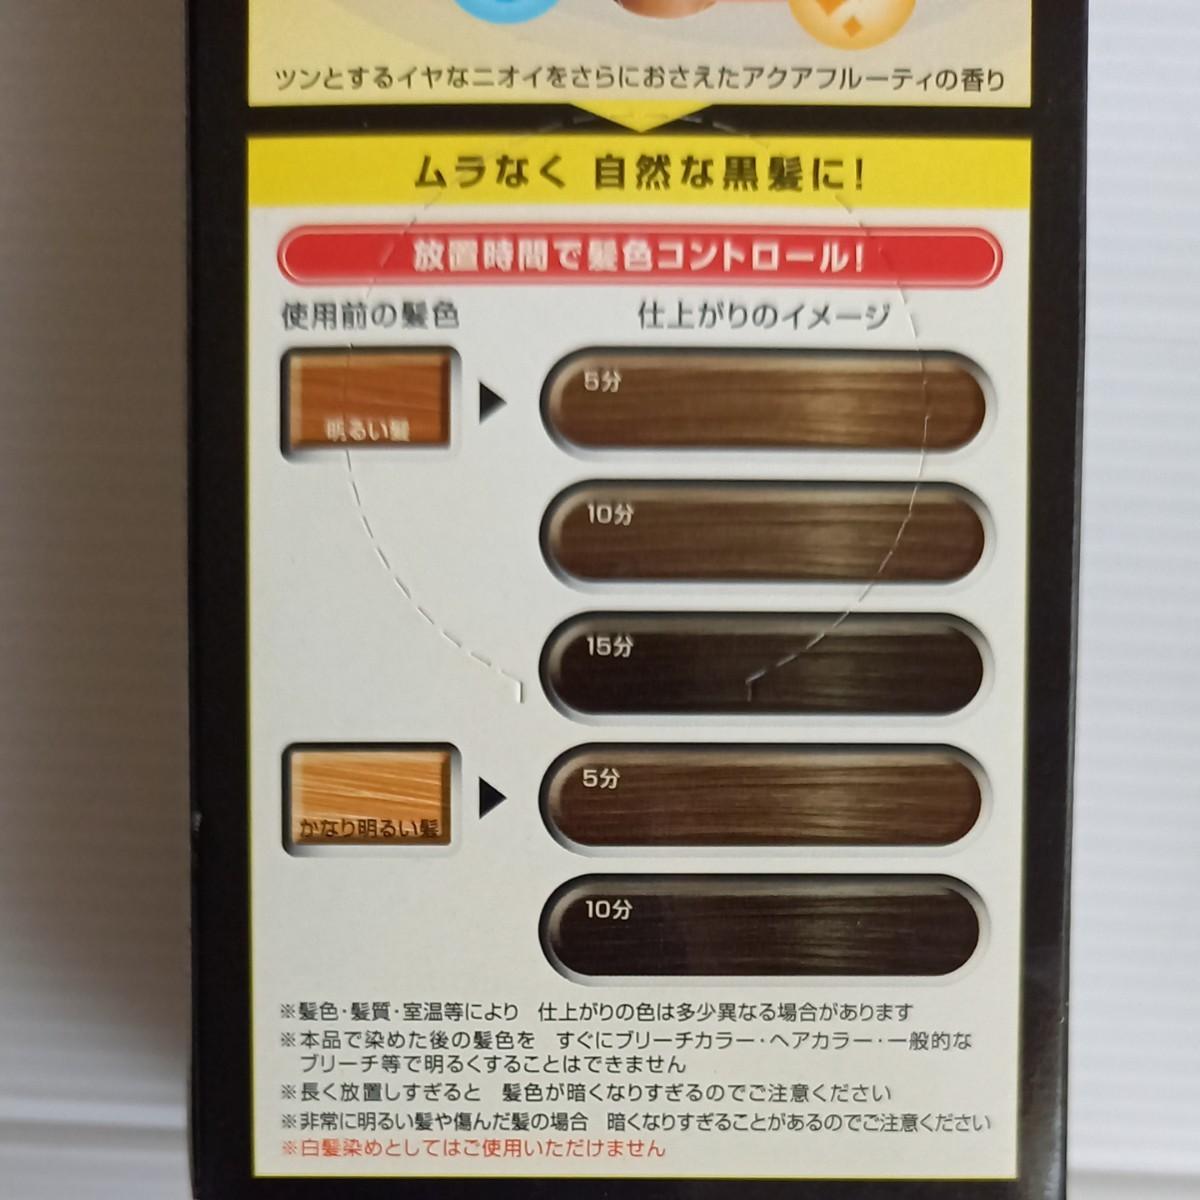 ☆新品未使用☆ GATSBY ギャツビー ヘアカラーリメイク 黒髪もどし ナチュラルブラック 3個セット